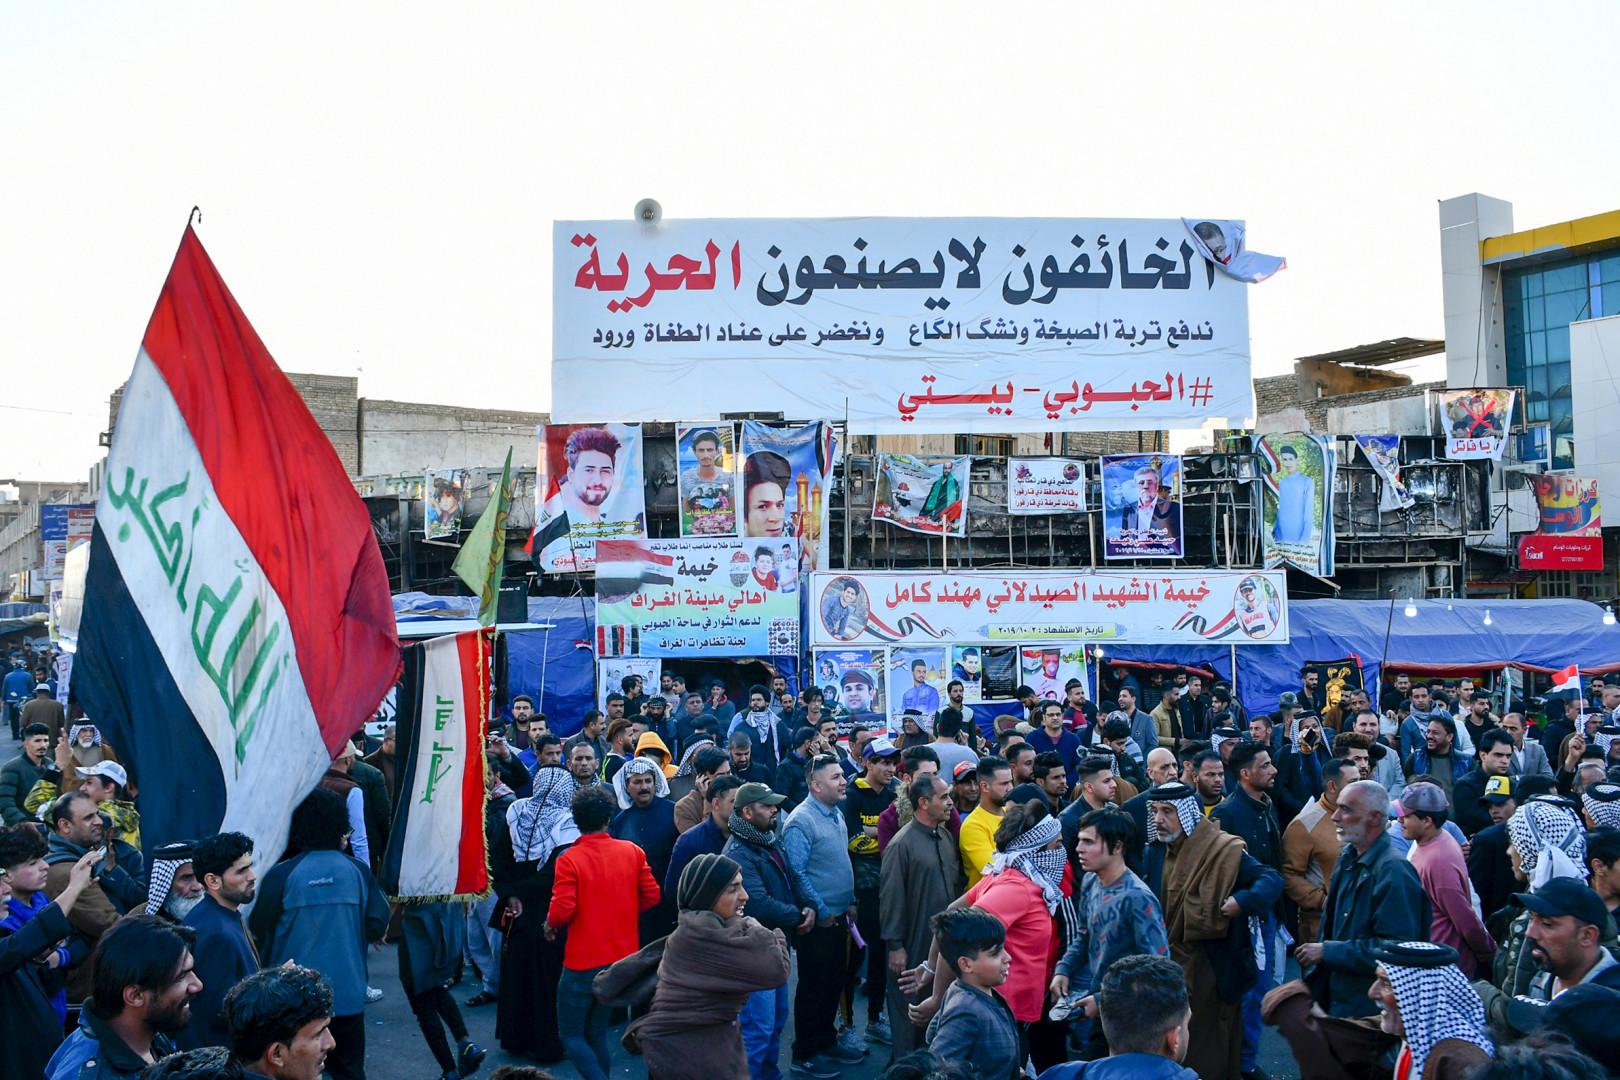 """مطالب معتصمي الناصرية: رفض التفاوض مع الحكومة ومحاسبة المسؤولين عن أحداث """"الجمعة"""""""